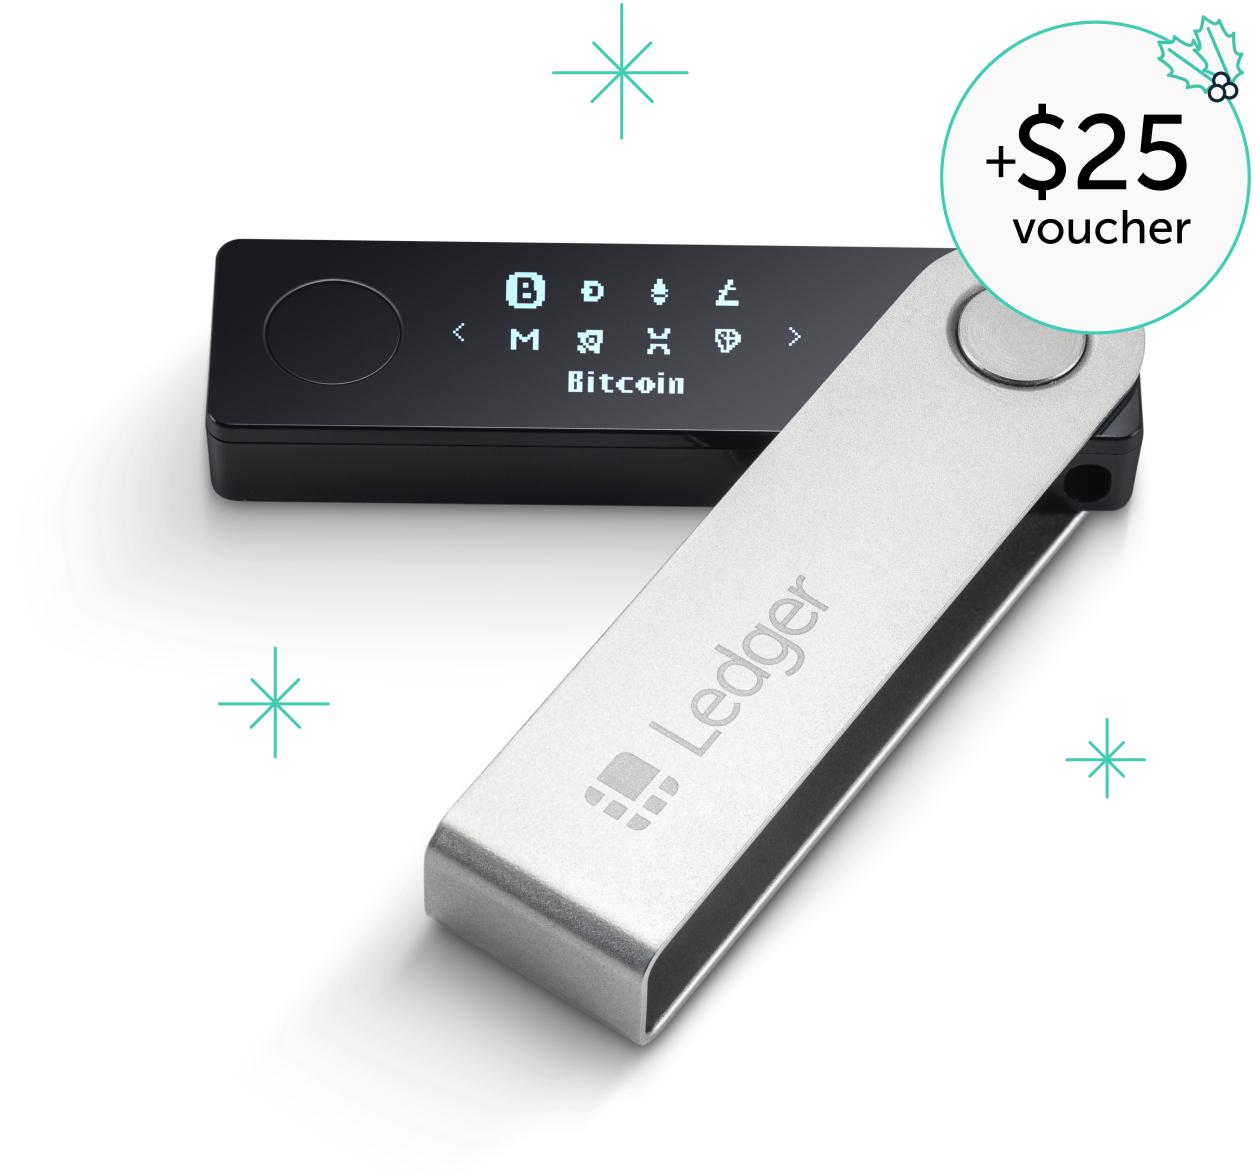 Portefeuille pour cryptomonnaies Ledger Nano X (+20,64€ de crédit sur le compte)